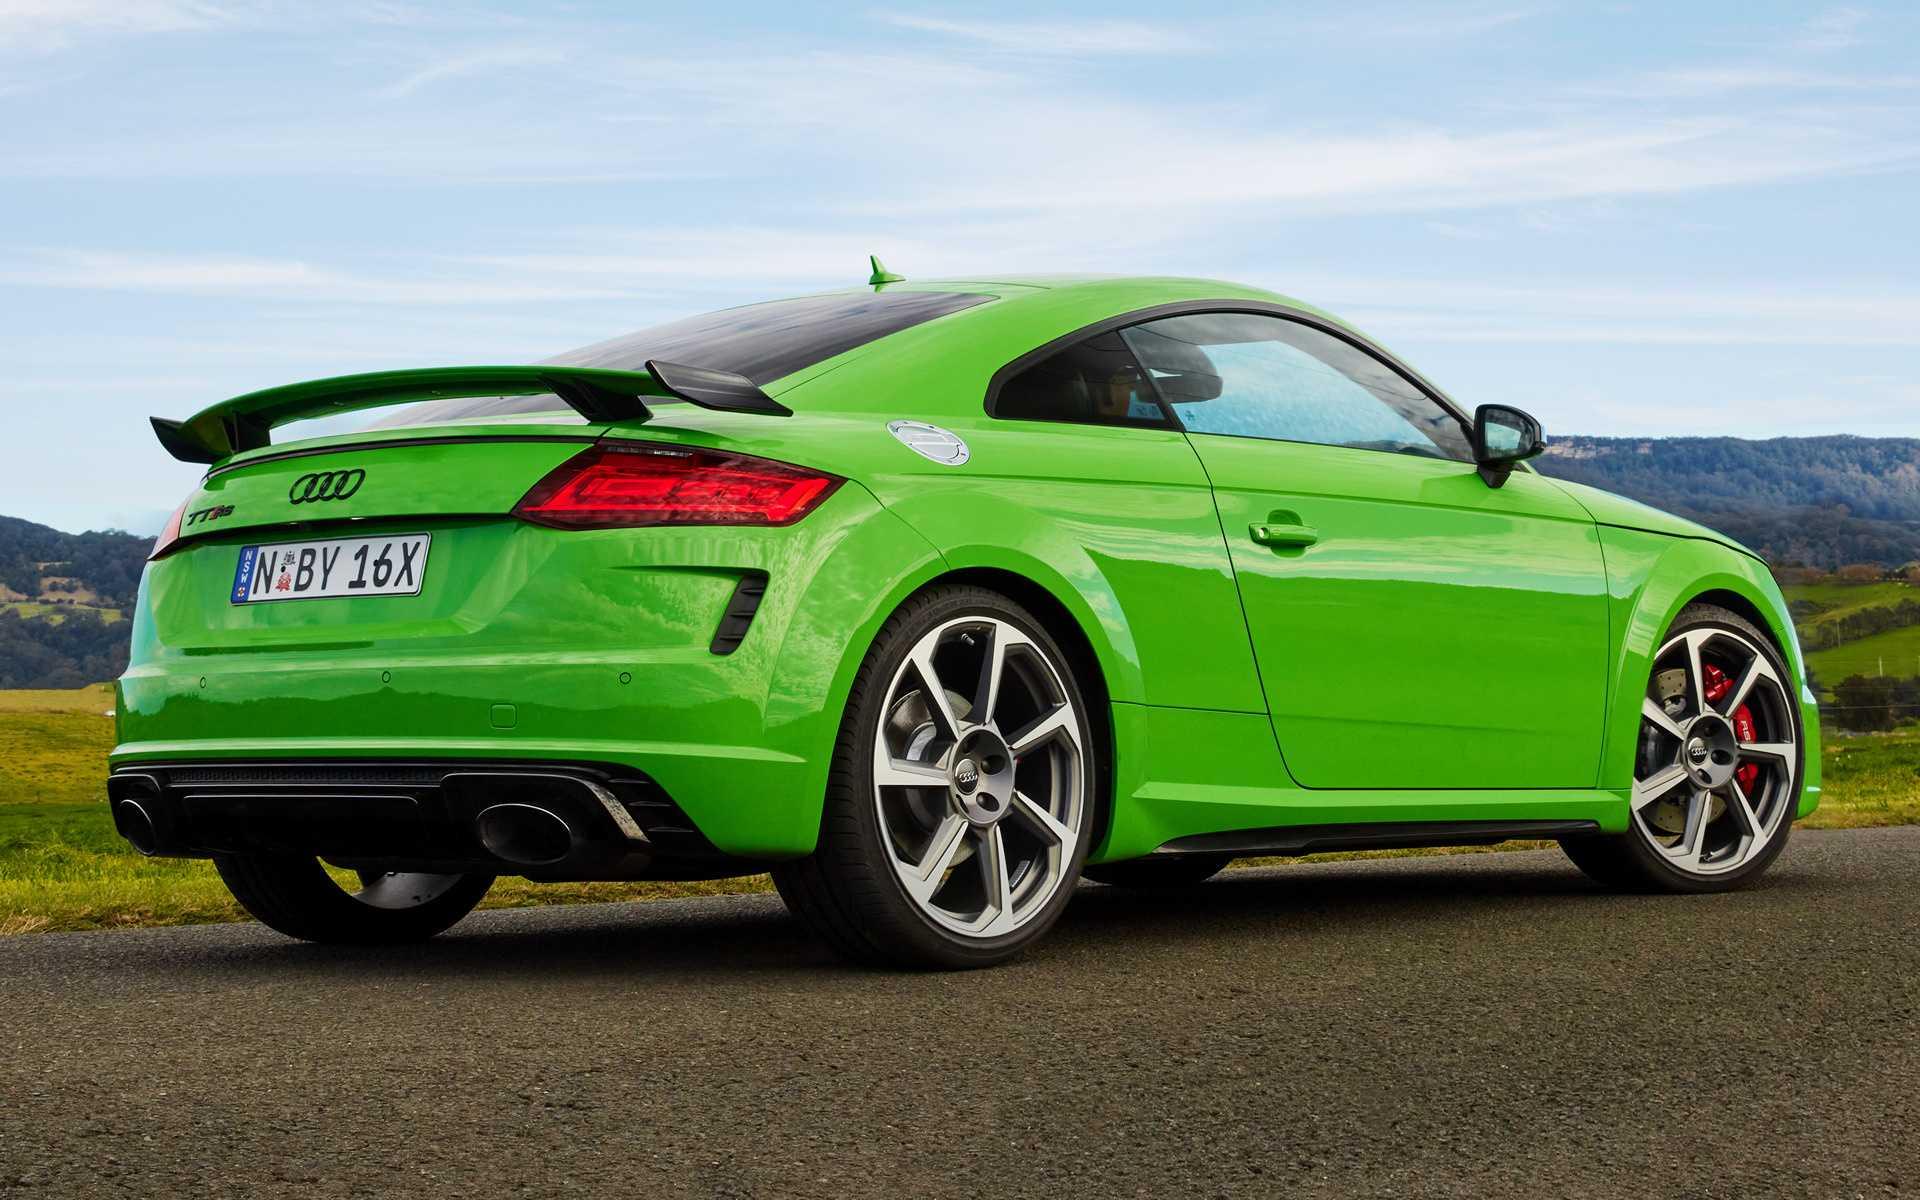 Audi tts 2019-2020 цена, технические характеристики, фото, видео тест-драйв